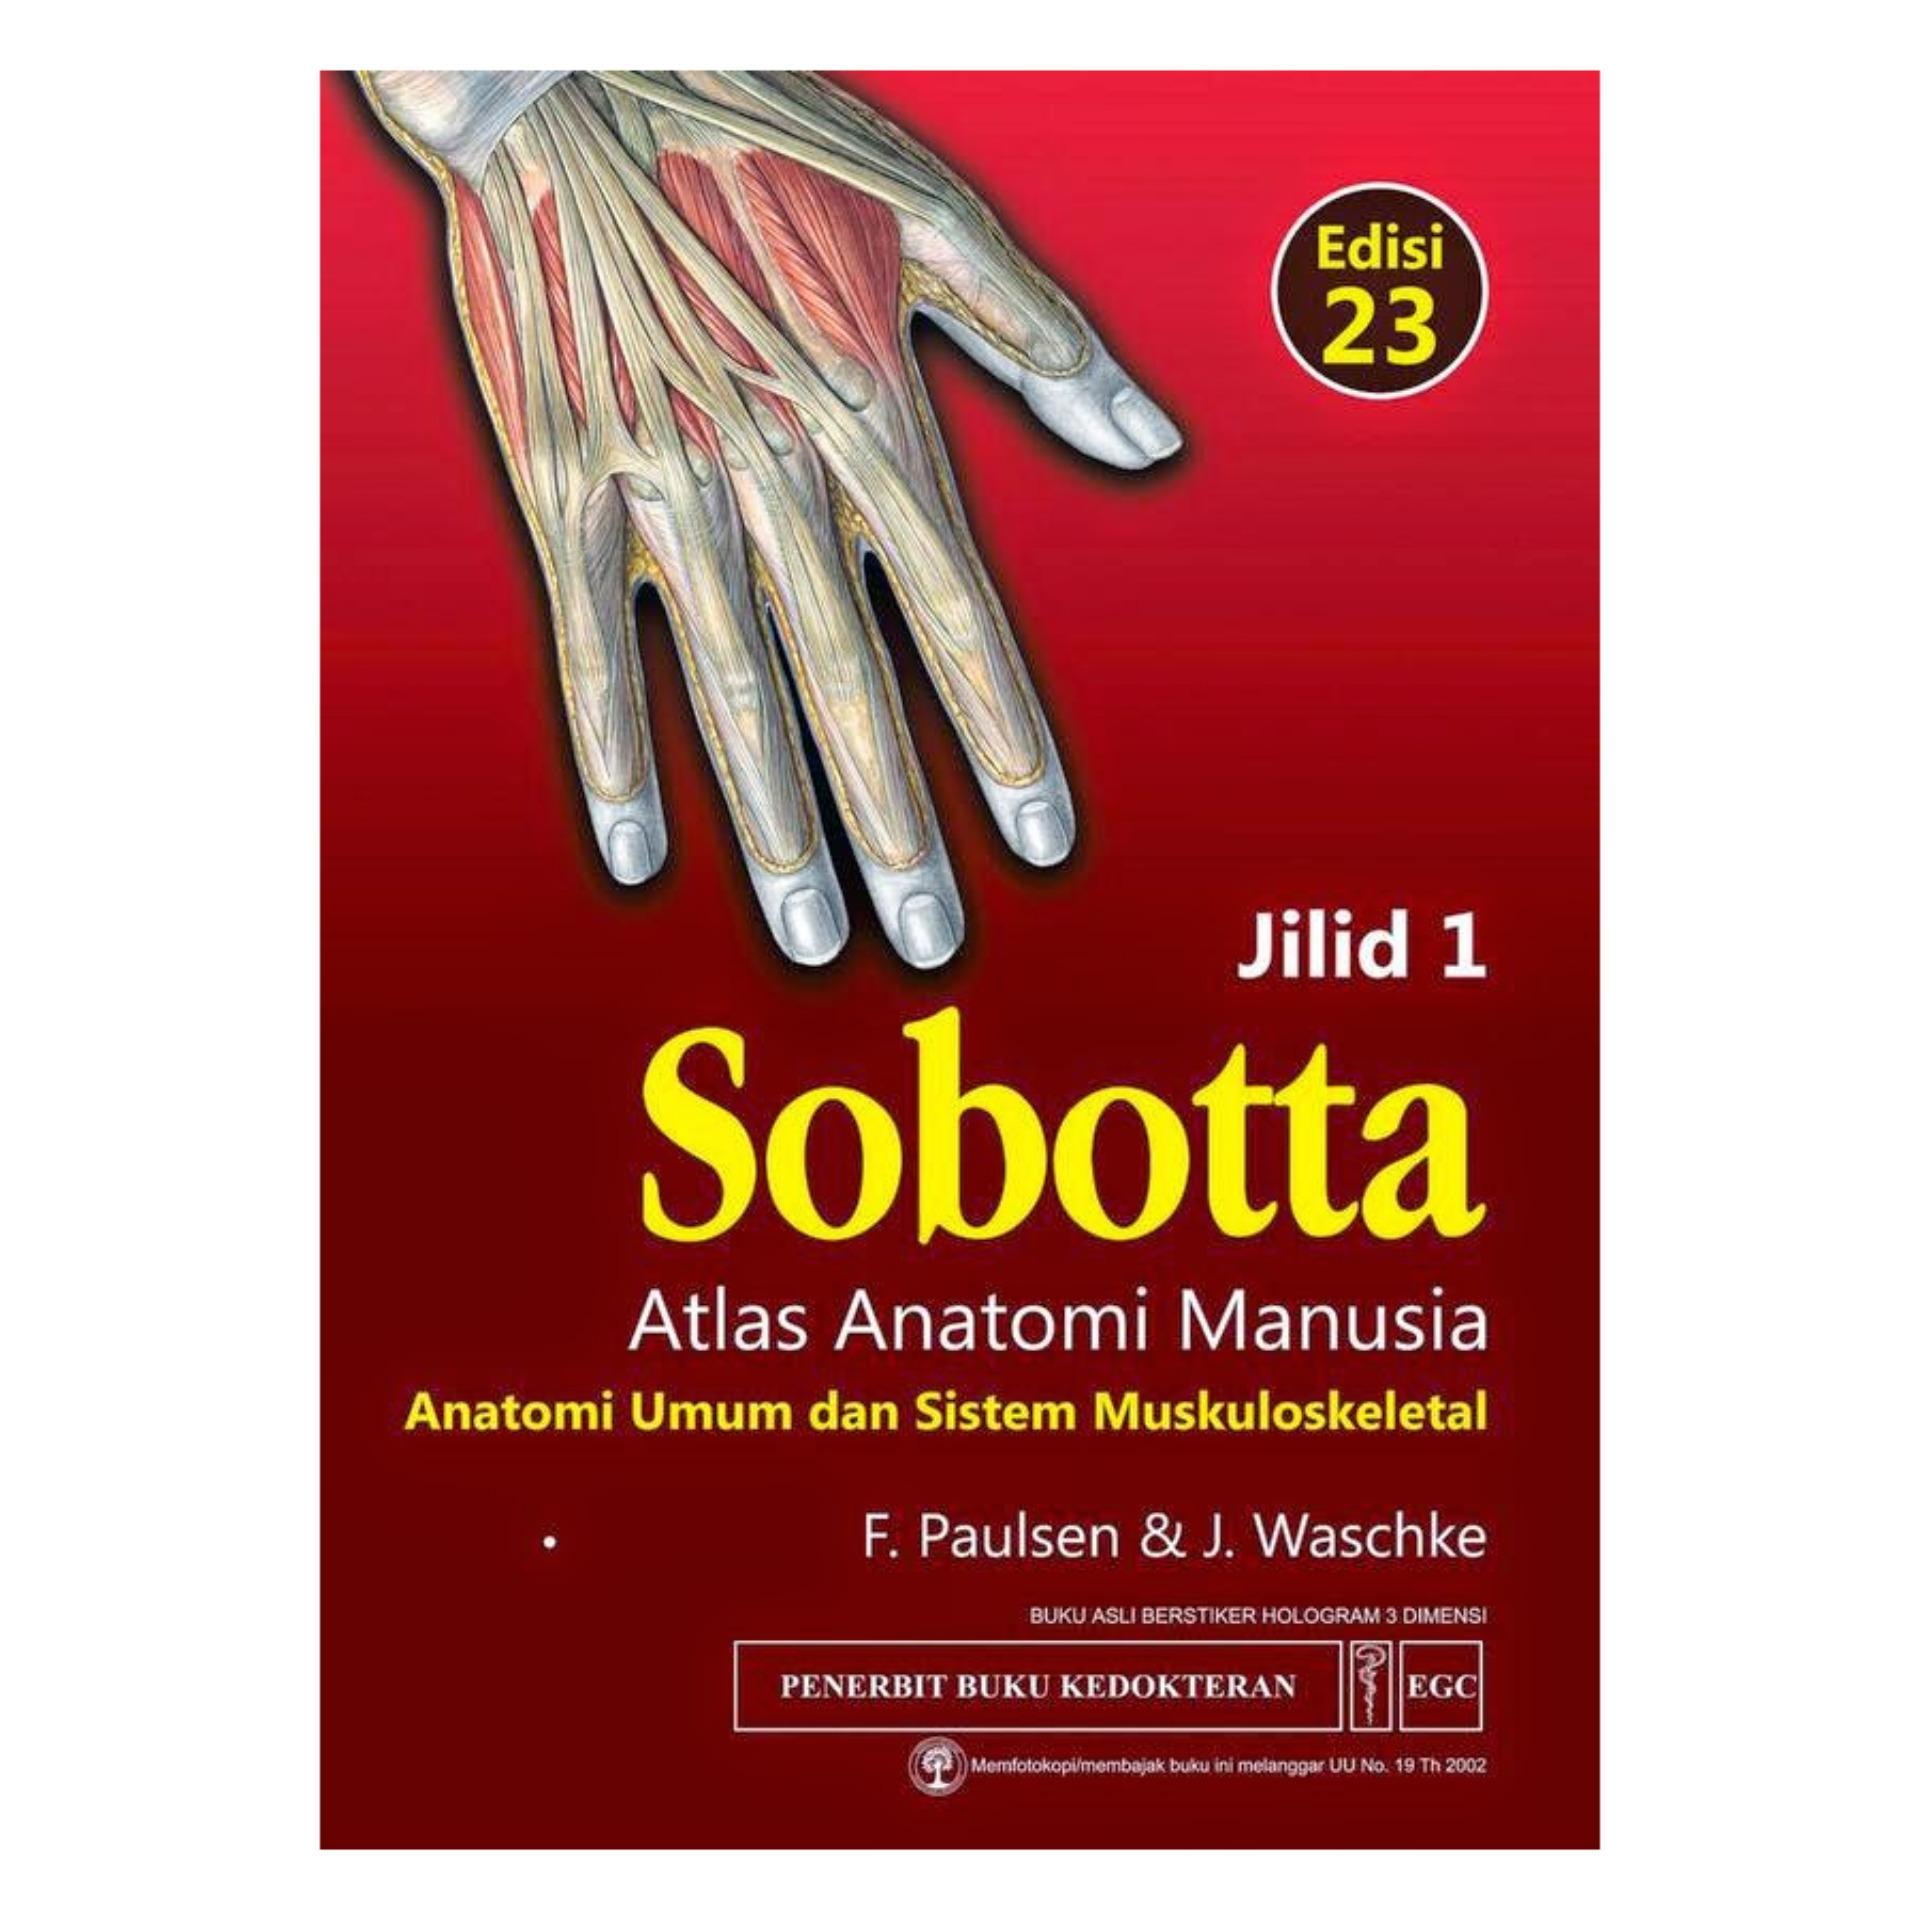 Sobotta Atlas Anatomi Manusia (Anatomi Umum dan Sistem Muskuloskeletal)